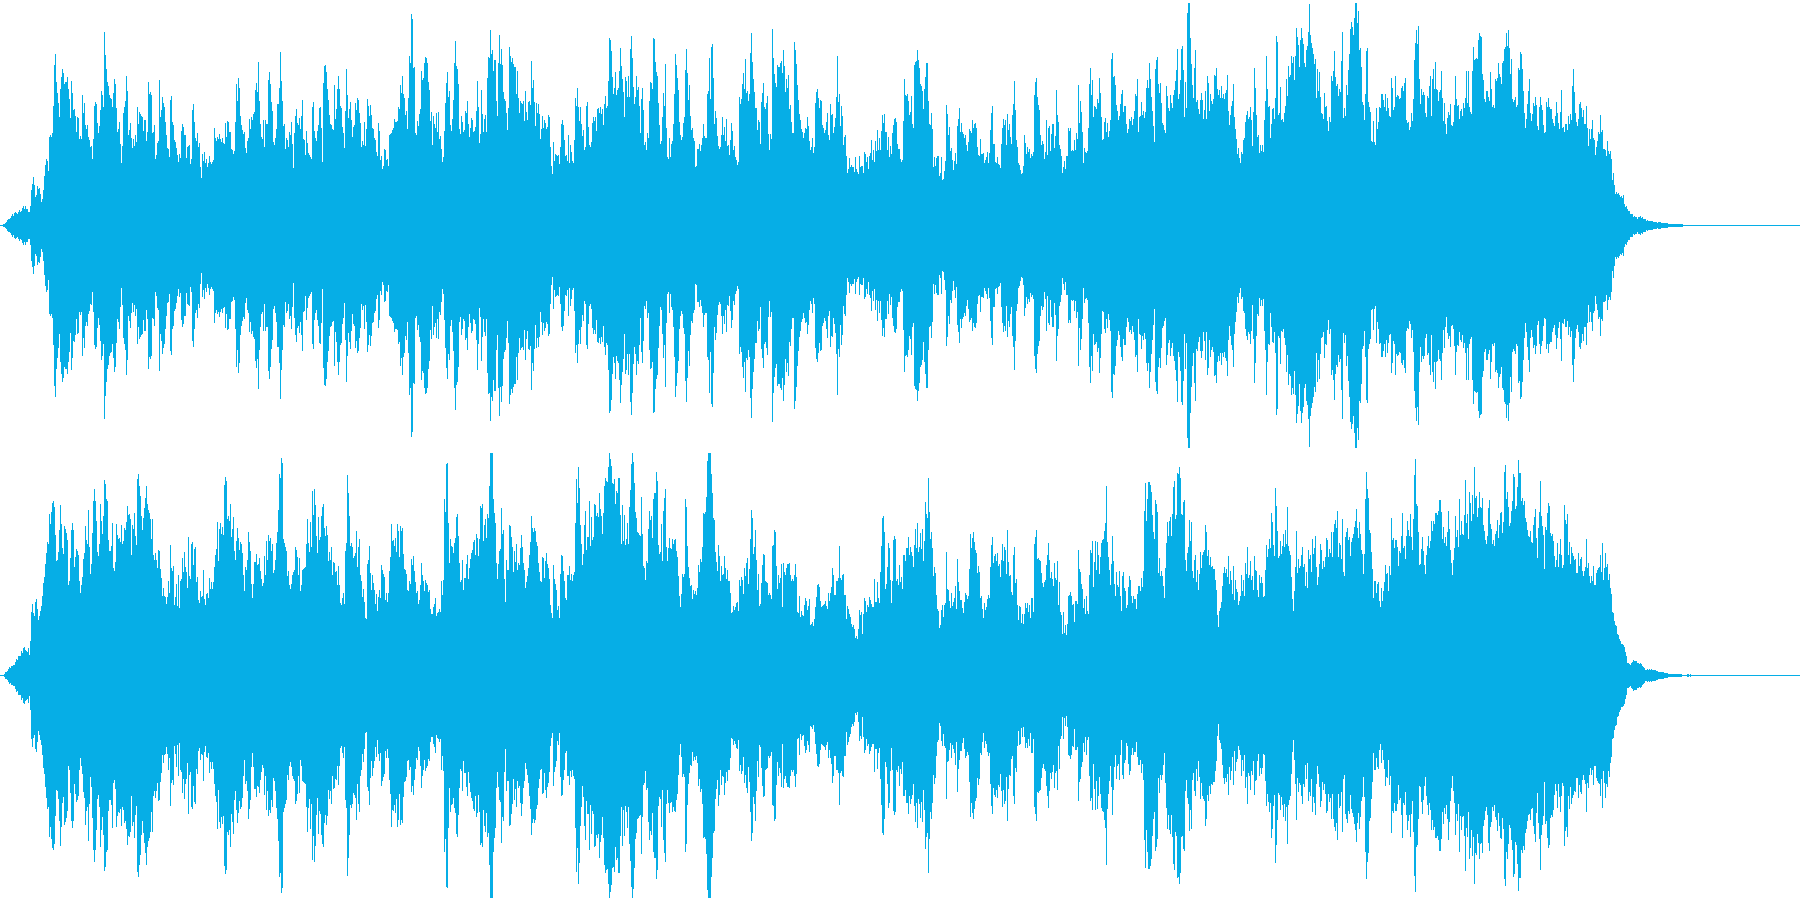 郷愁の場面に優しく前向きなオーケストラ3の再生済みの波形